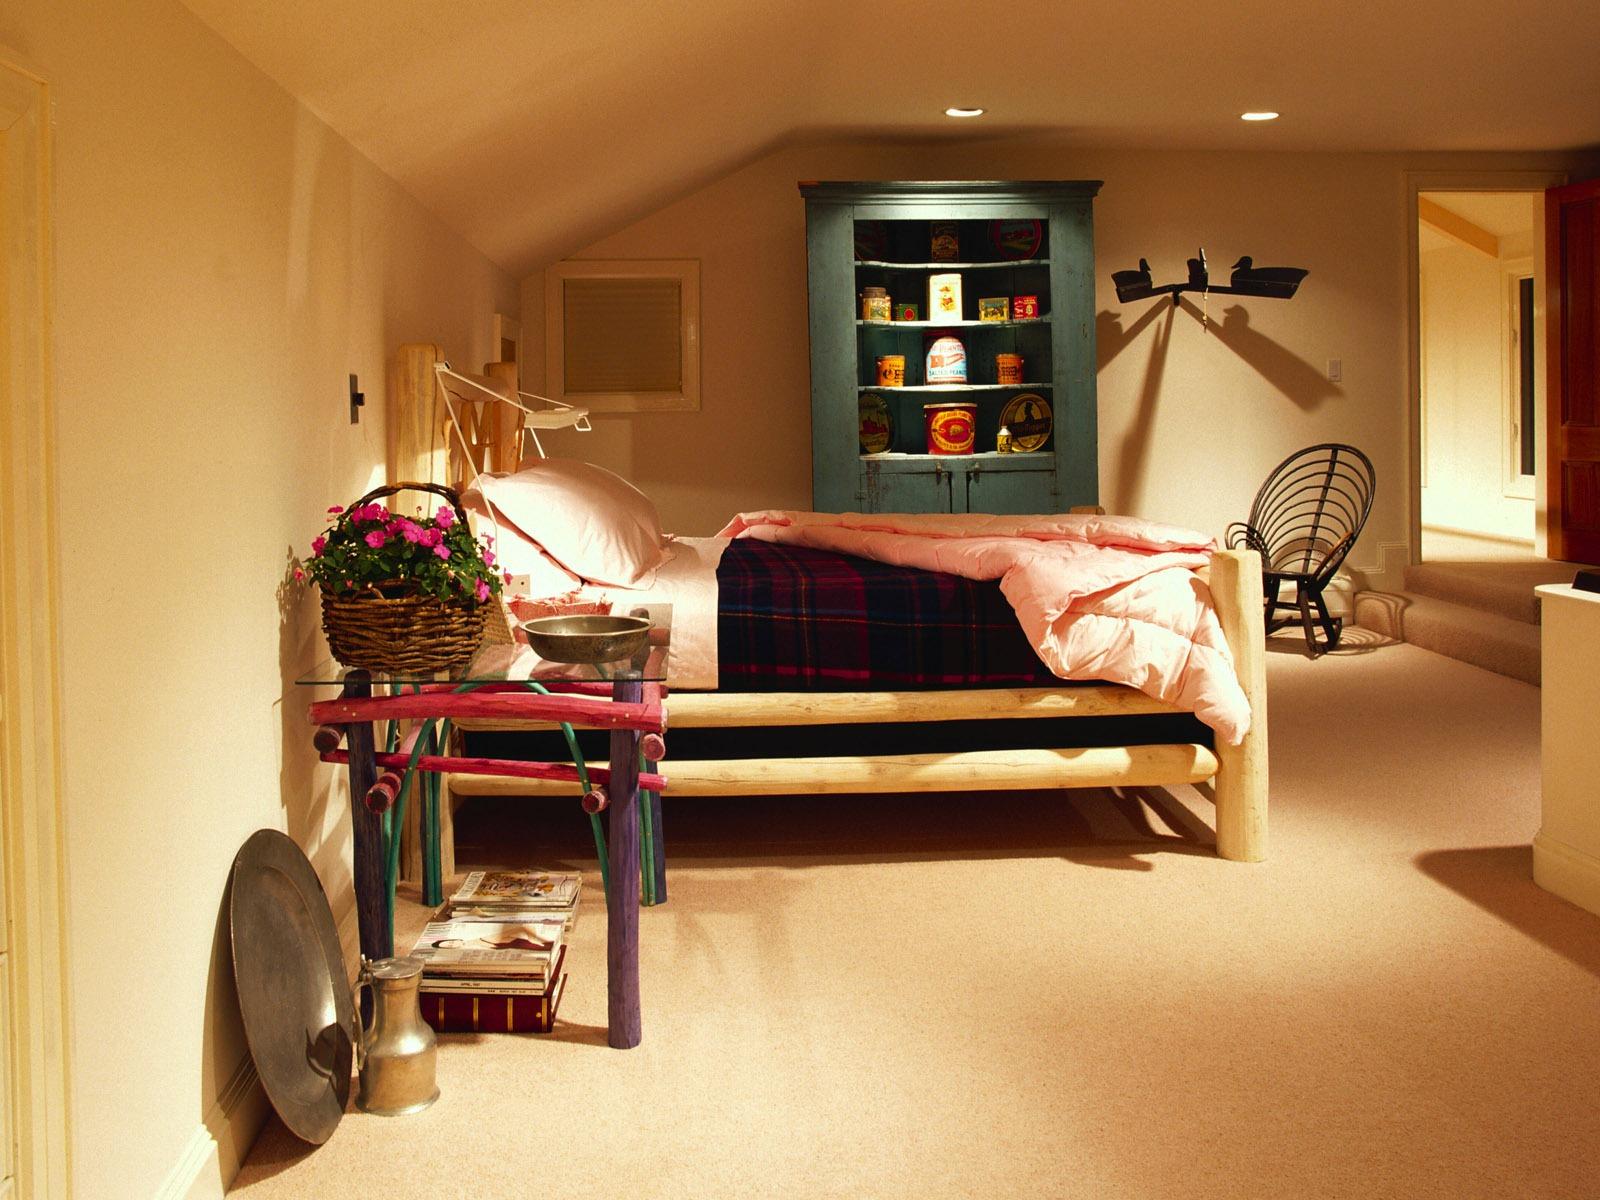 mode d 39 albums papier peint domicile 3 9 1600x1200 fond d 39 cran t l charger mode d. Black Bedroom Furniture Sets. Home Design Ideas